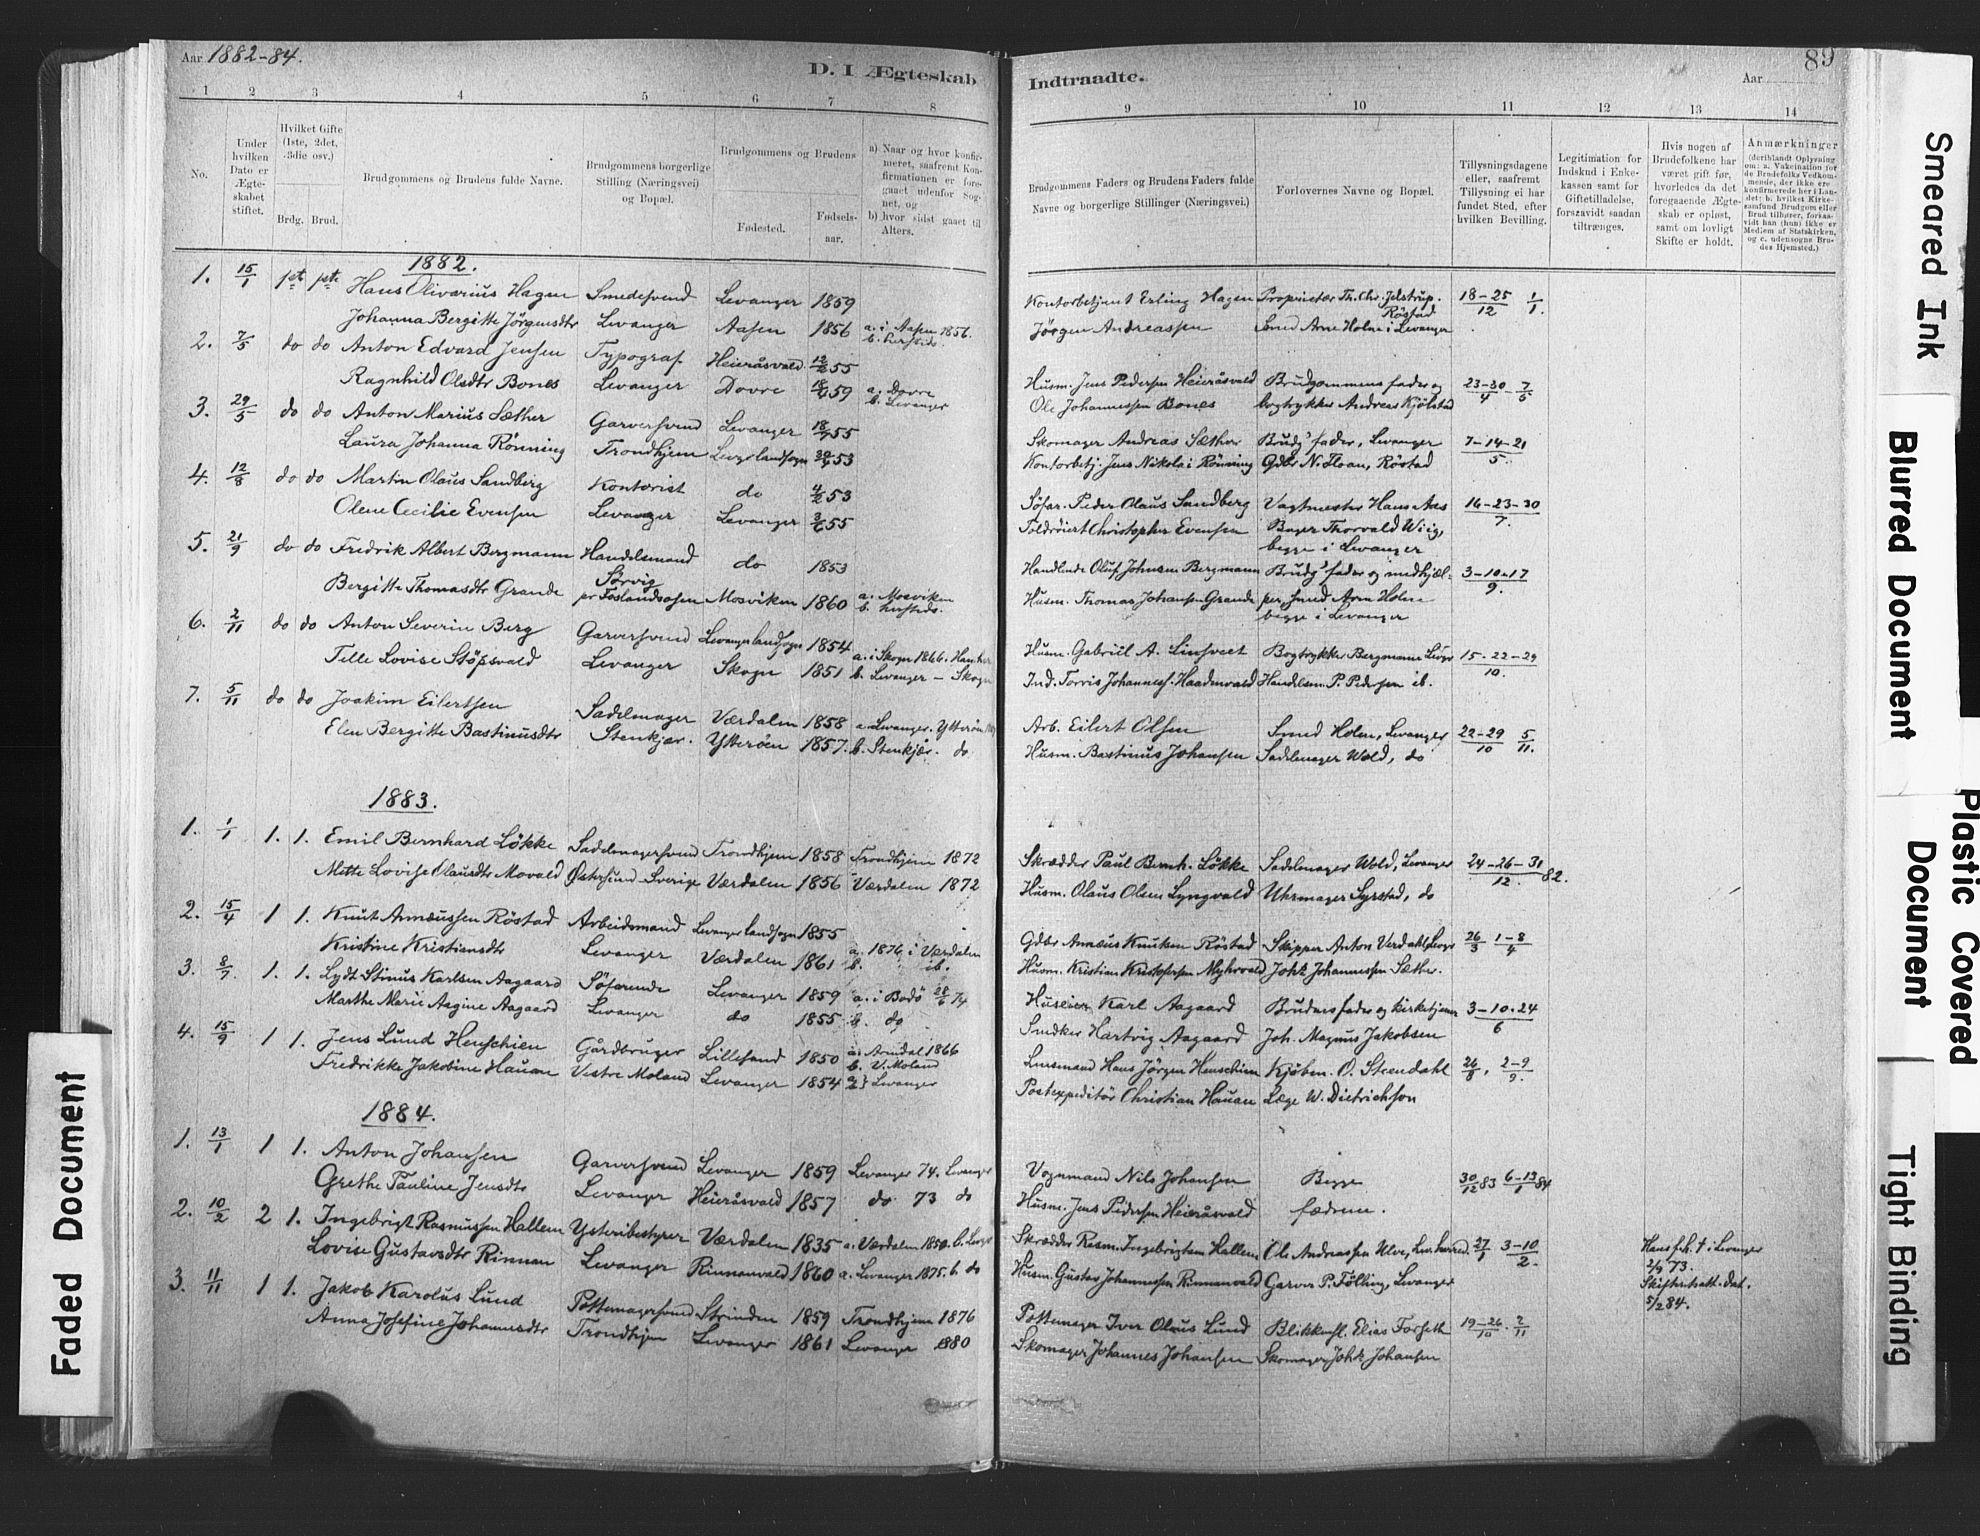 SAT, Ministerialprotokoller, klokkerbøker og fødselsregistre - Nord-Trøndelag, 720/L0189: Ministerialbok nr. 720A05, 1880-1911, s. 89